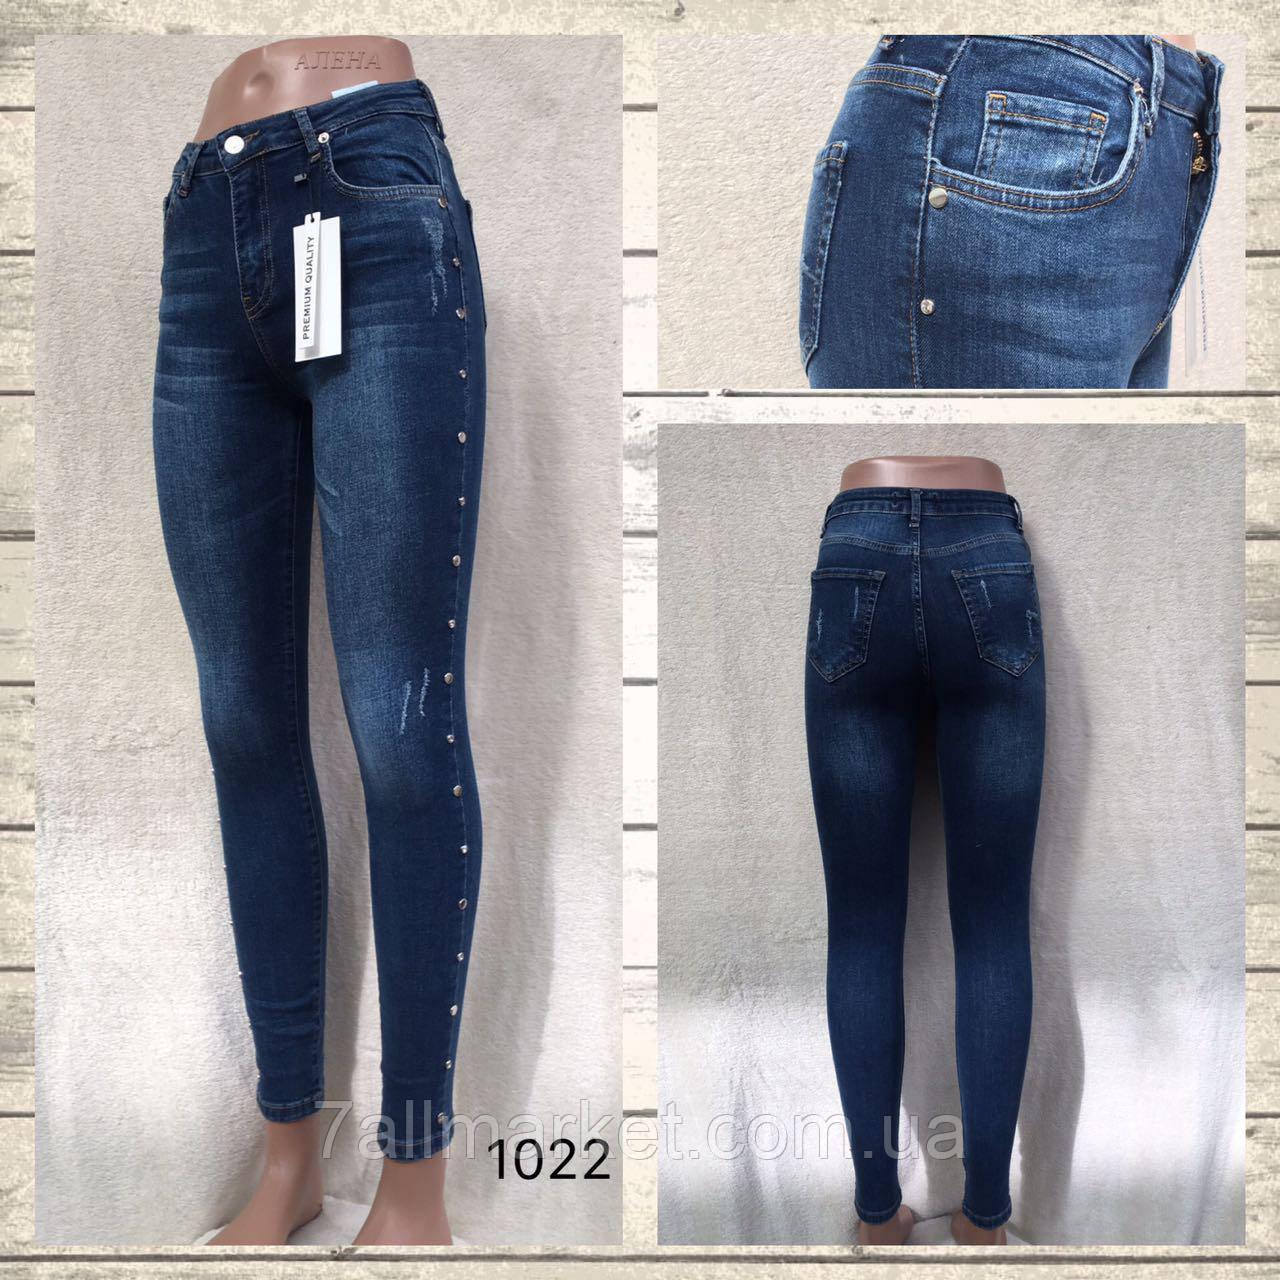 fde14520ac523 Джинсы-американки женские с клепками размеры 26-31